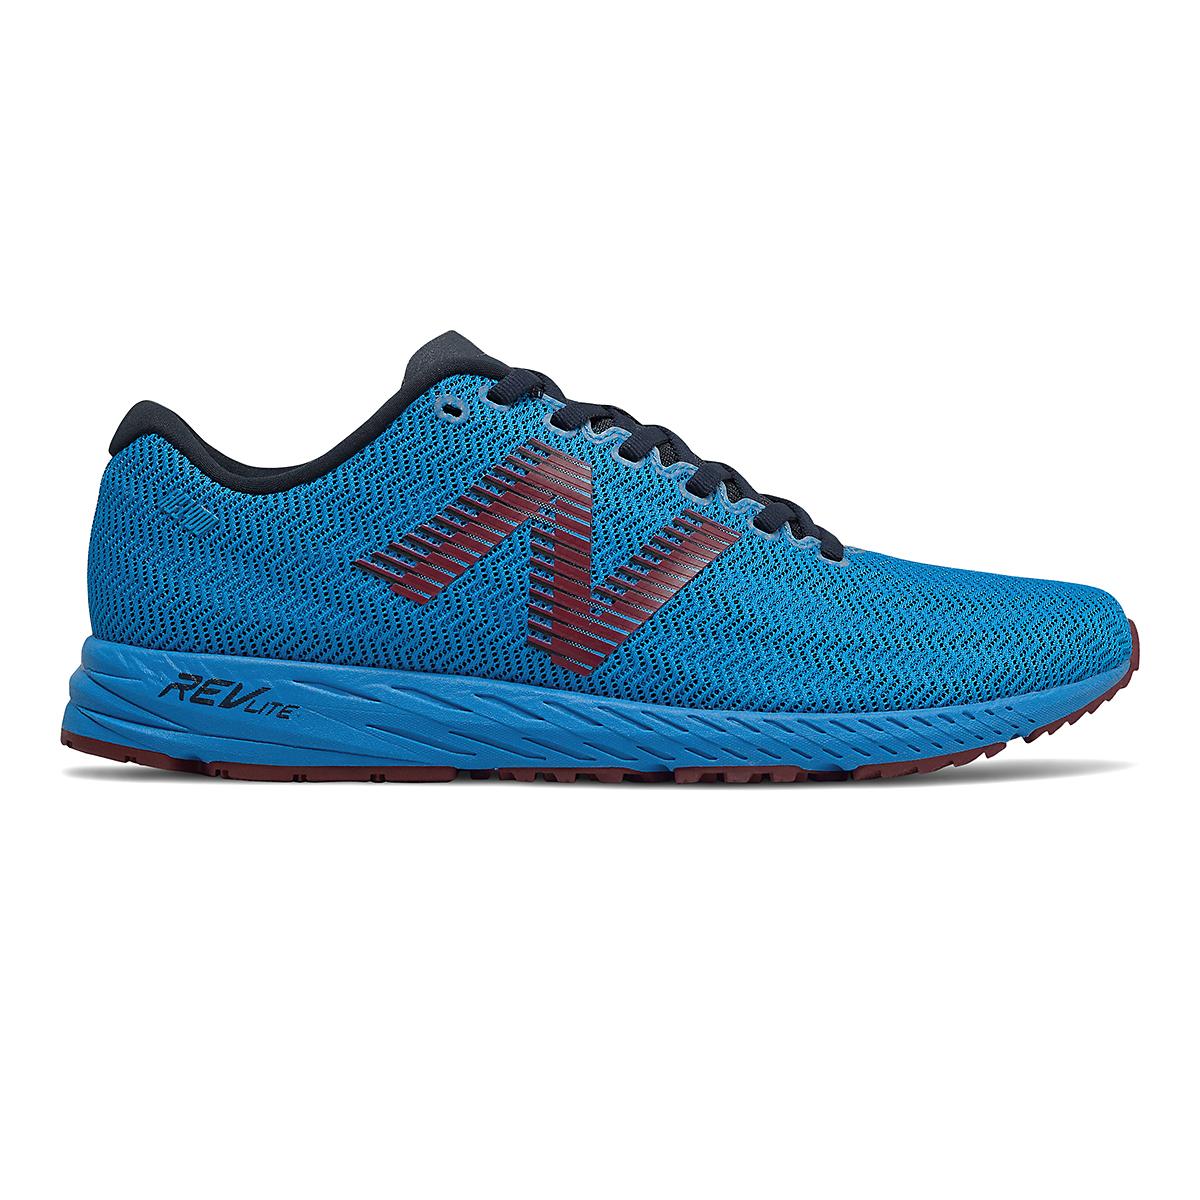 Men's New Balance 1400V6 Running Shoe - Color: Vision Blue - Size: 7 - Width: Wide, Vision Blue, large, image 1